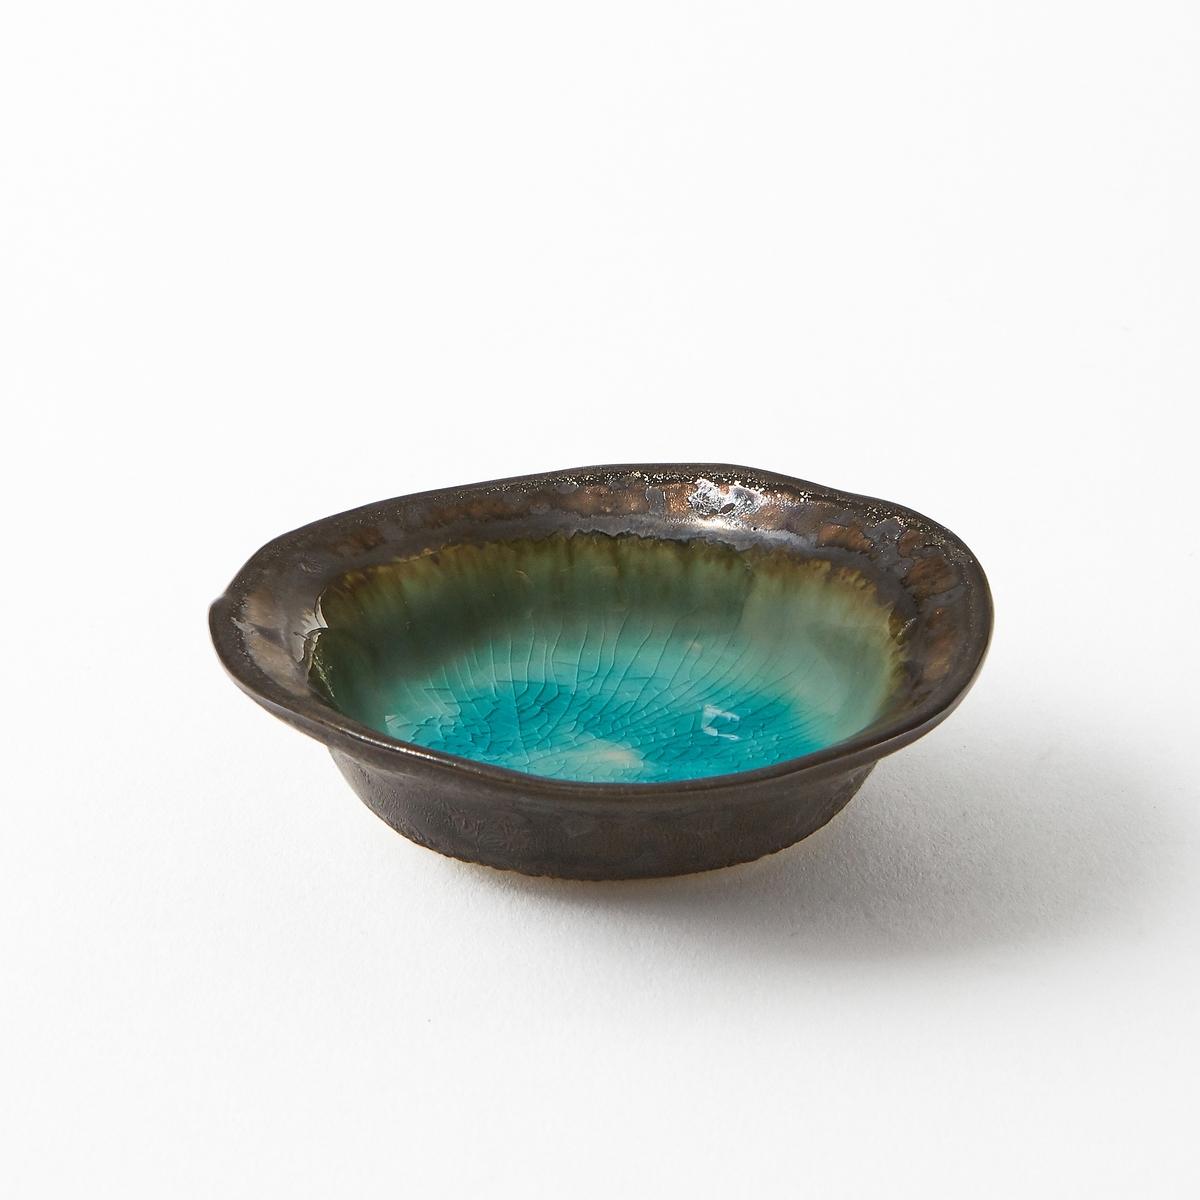 Чаша керамическая эмалированная AltadillМыть в посудомоечной машине запрещено. .<br><br>Цвет: голубой бирюзовый